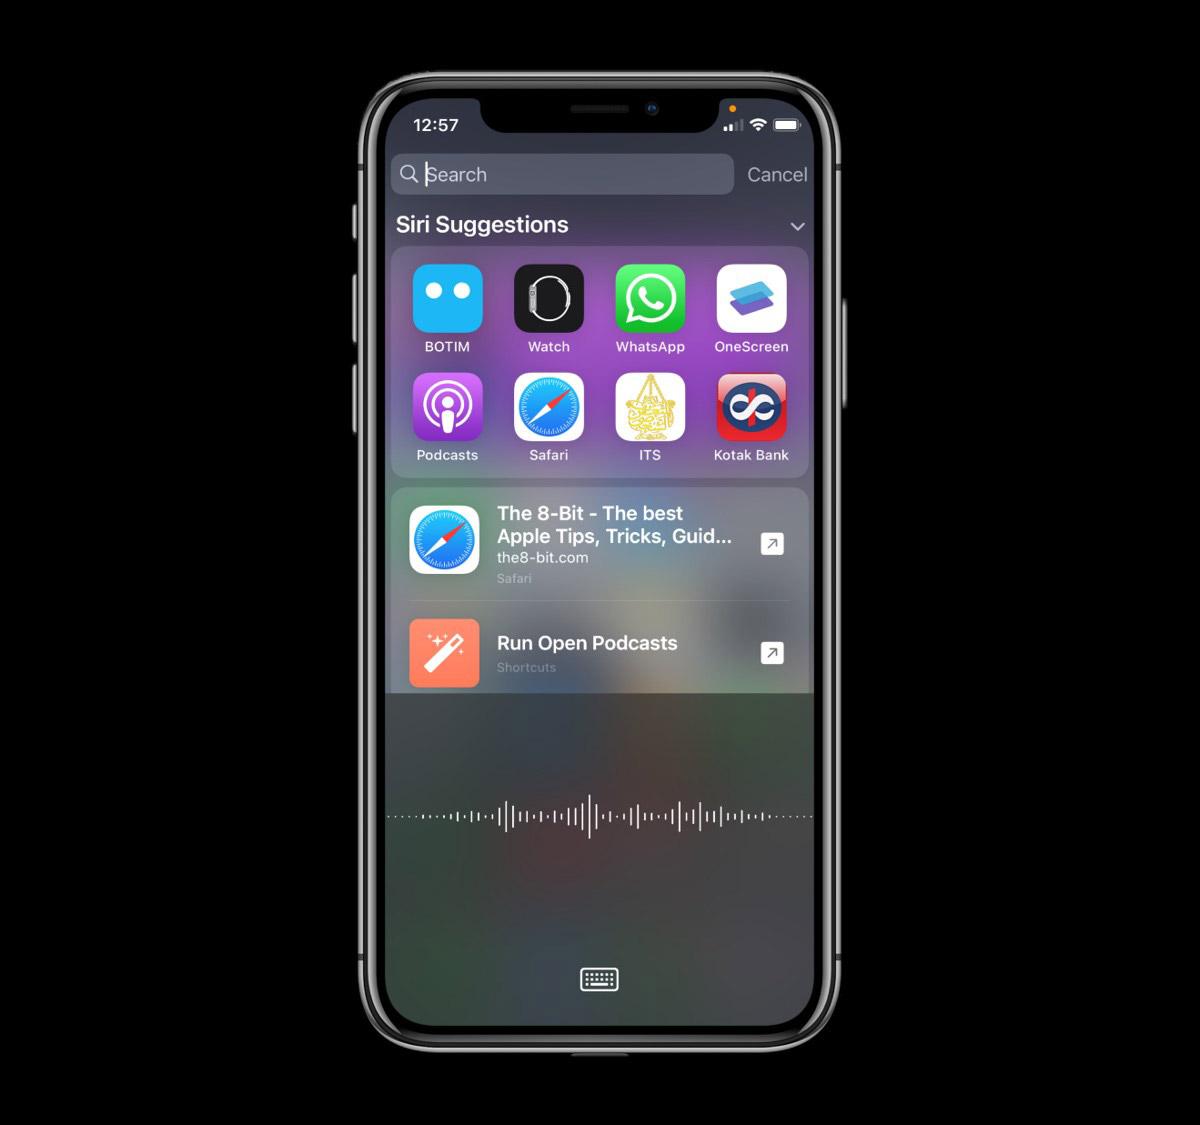 iOS 14 Dictation